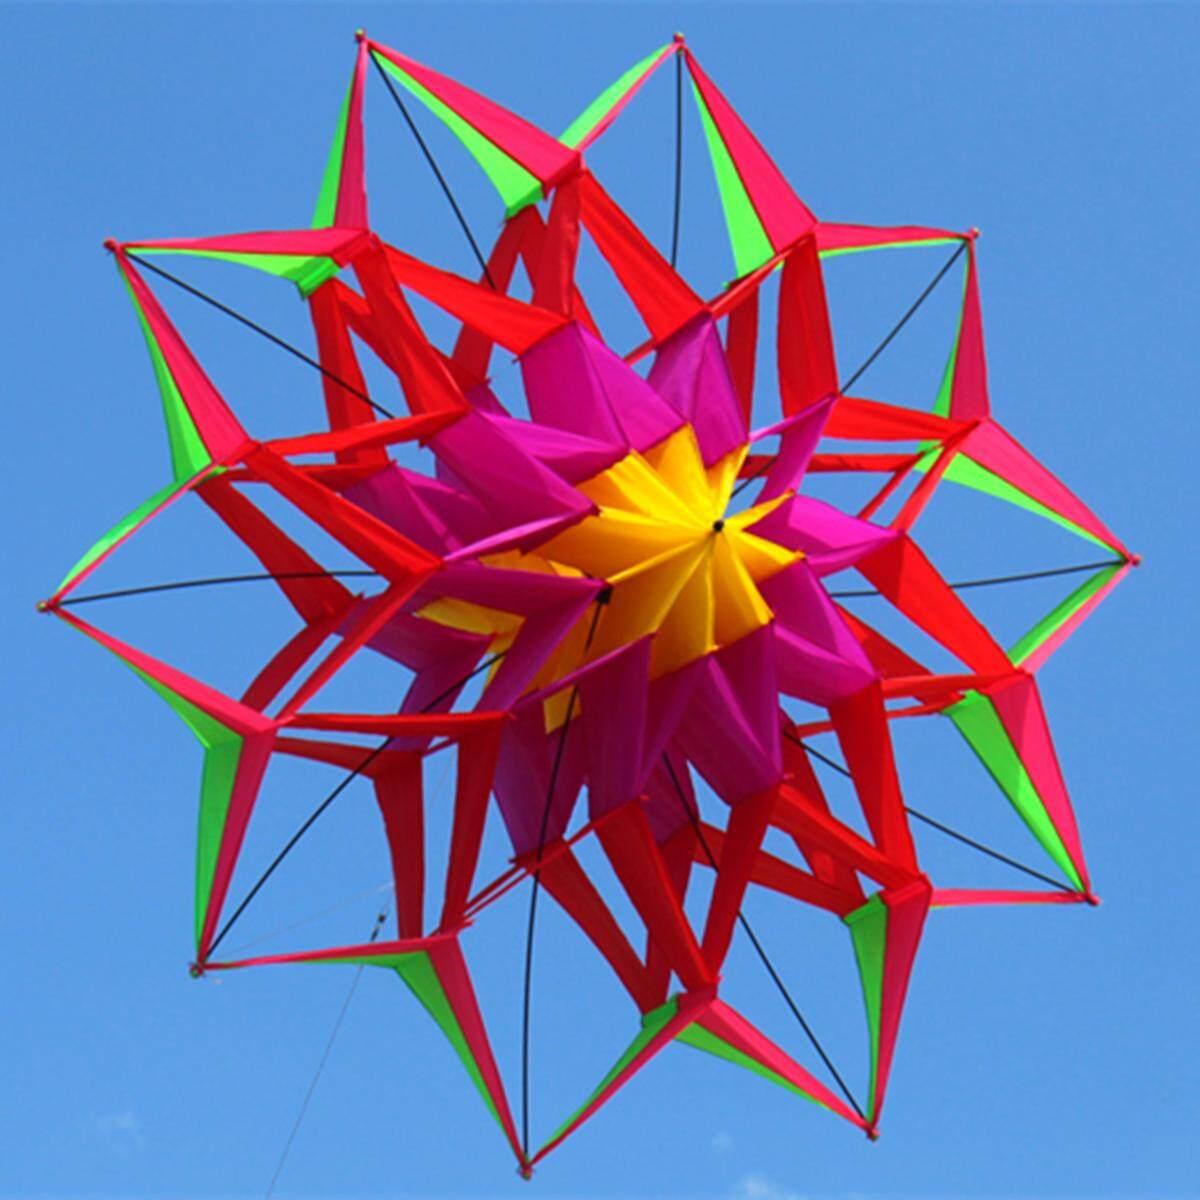 Hình ảnh 3D Rainbow Hoa Nhiều Màu Sắc Diều Dây Chuyền Đơn Thể Thao Ngoài Trời Cánh Bay Đồ Chơi Trẻ Em-quốc tế